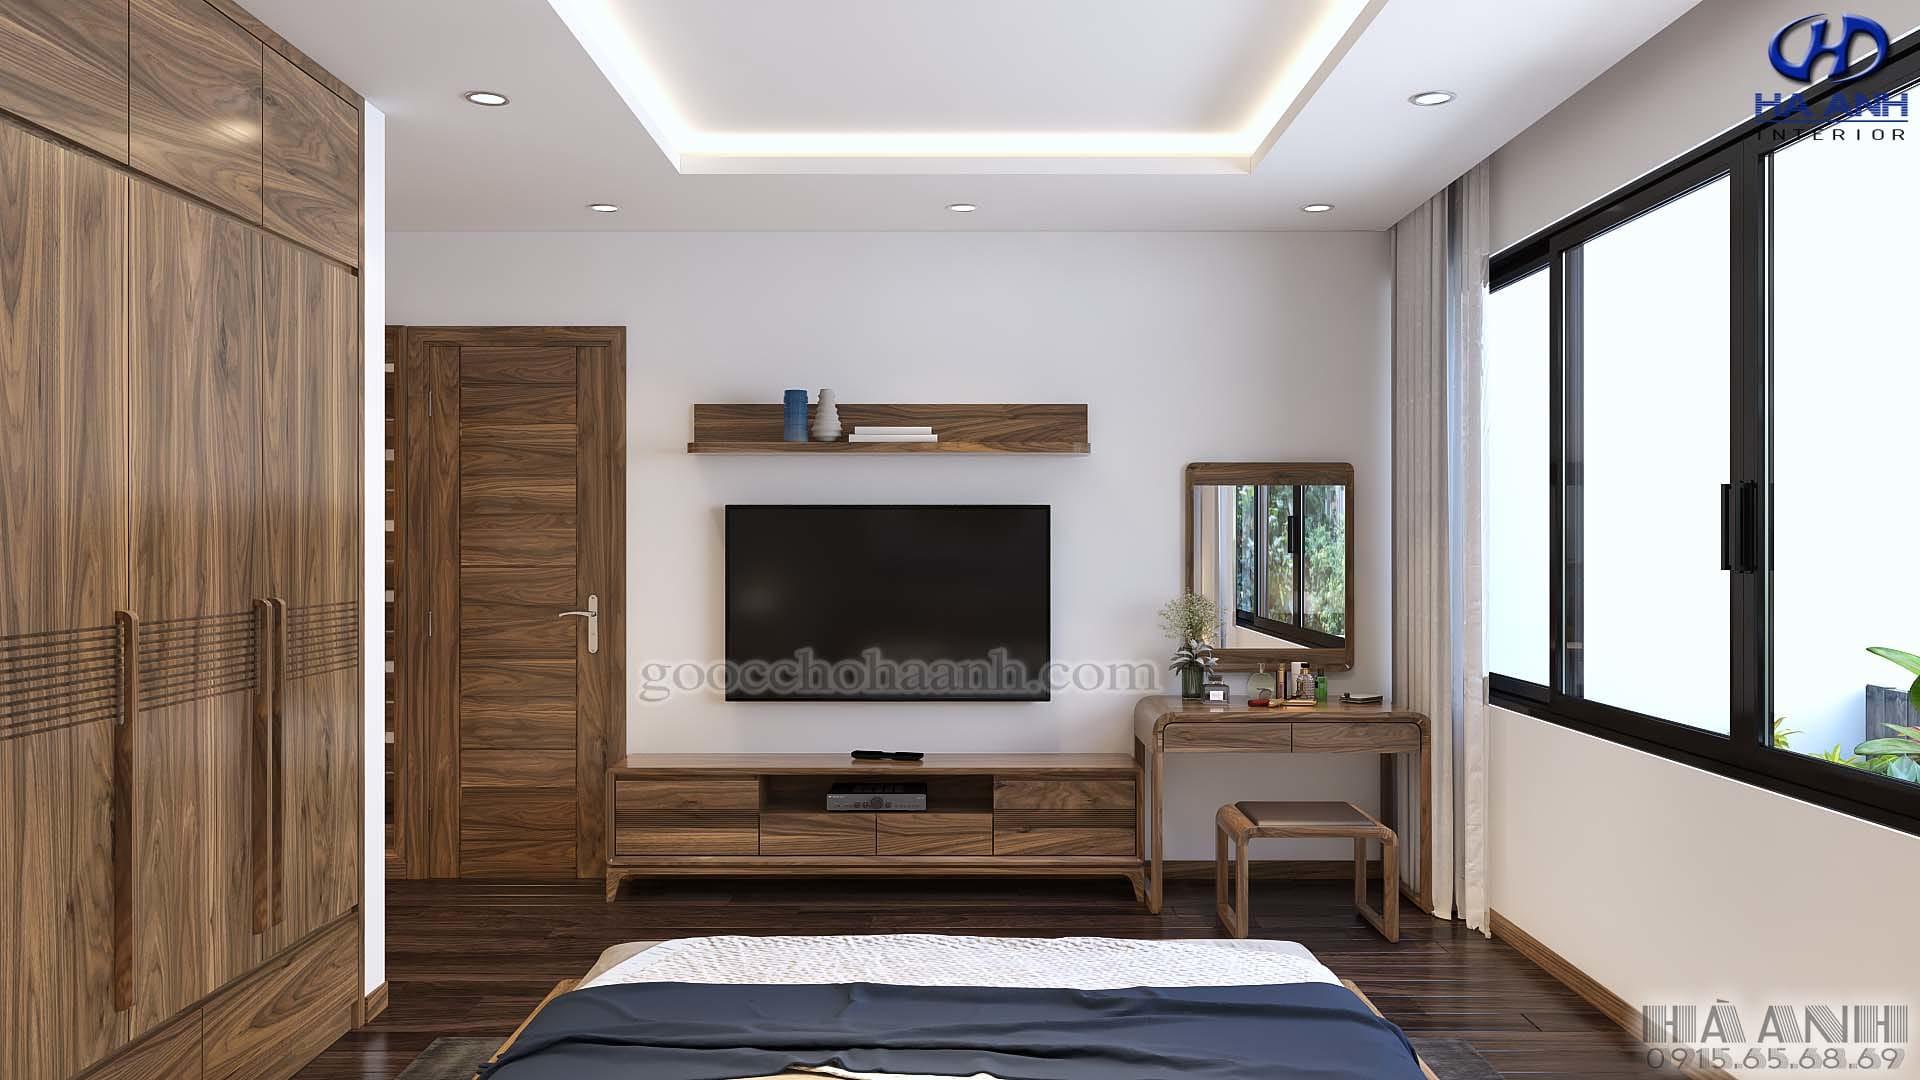 Nội thất gỗ óc chó nhà anh Sơn - Mandarin